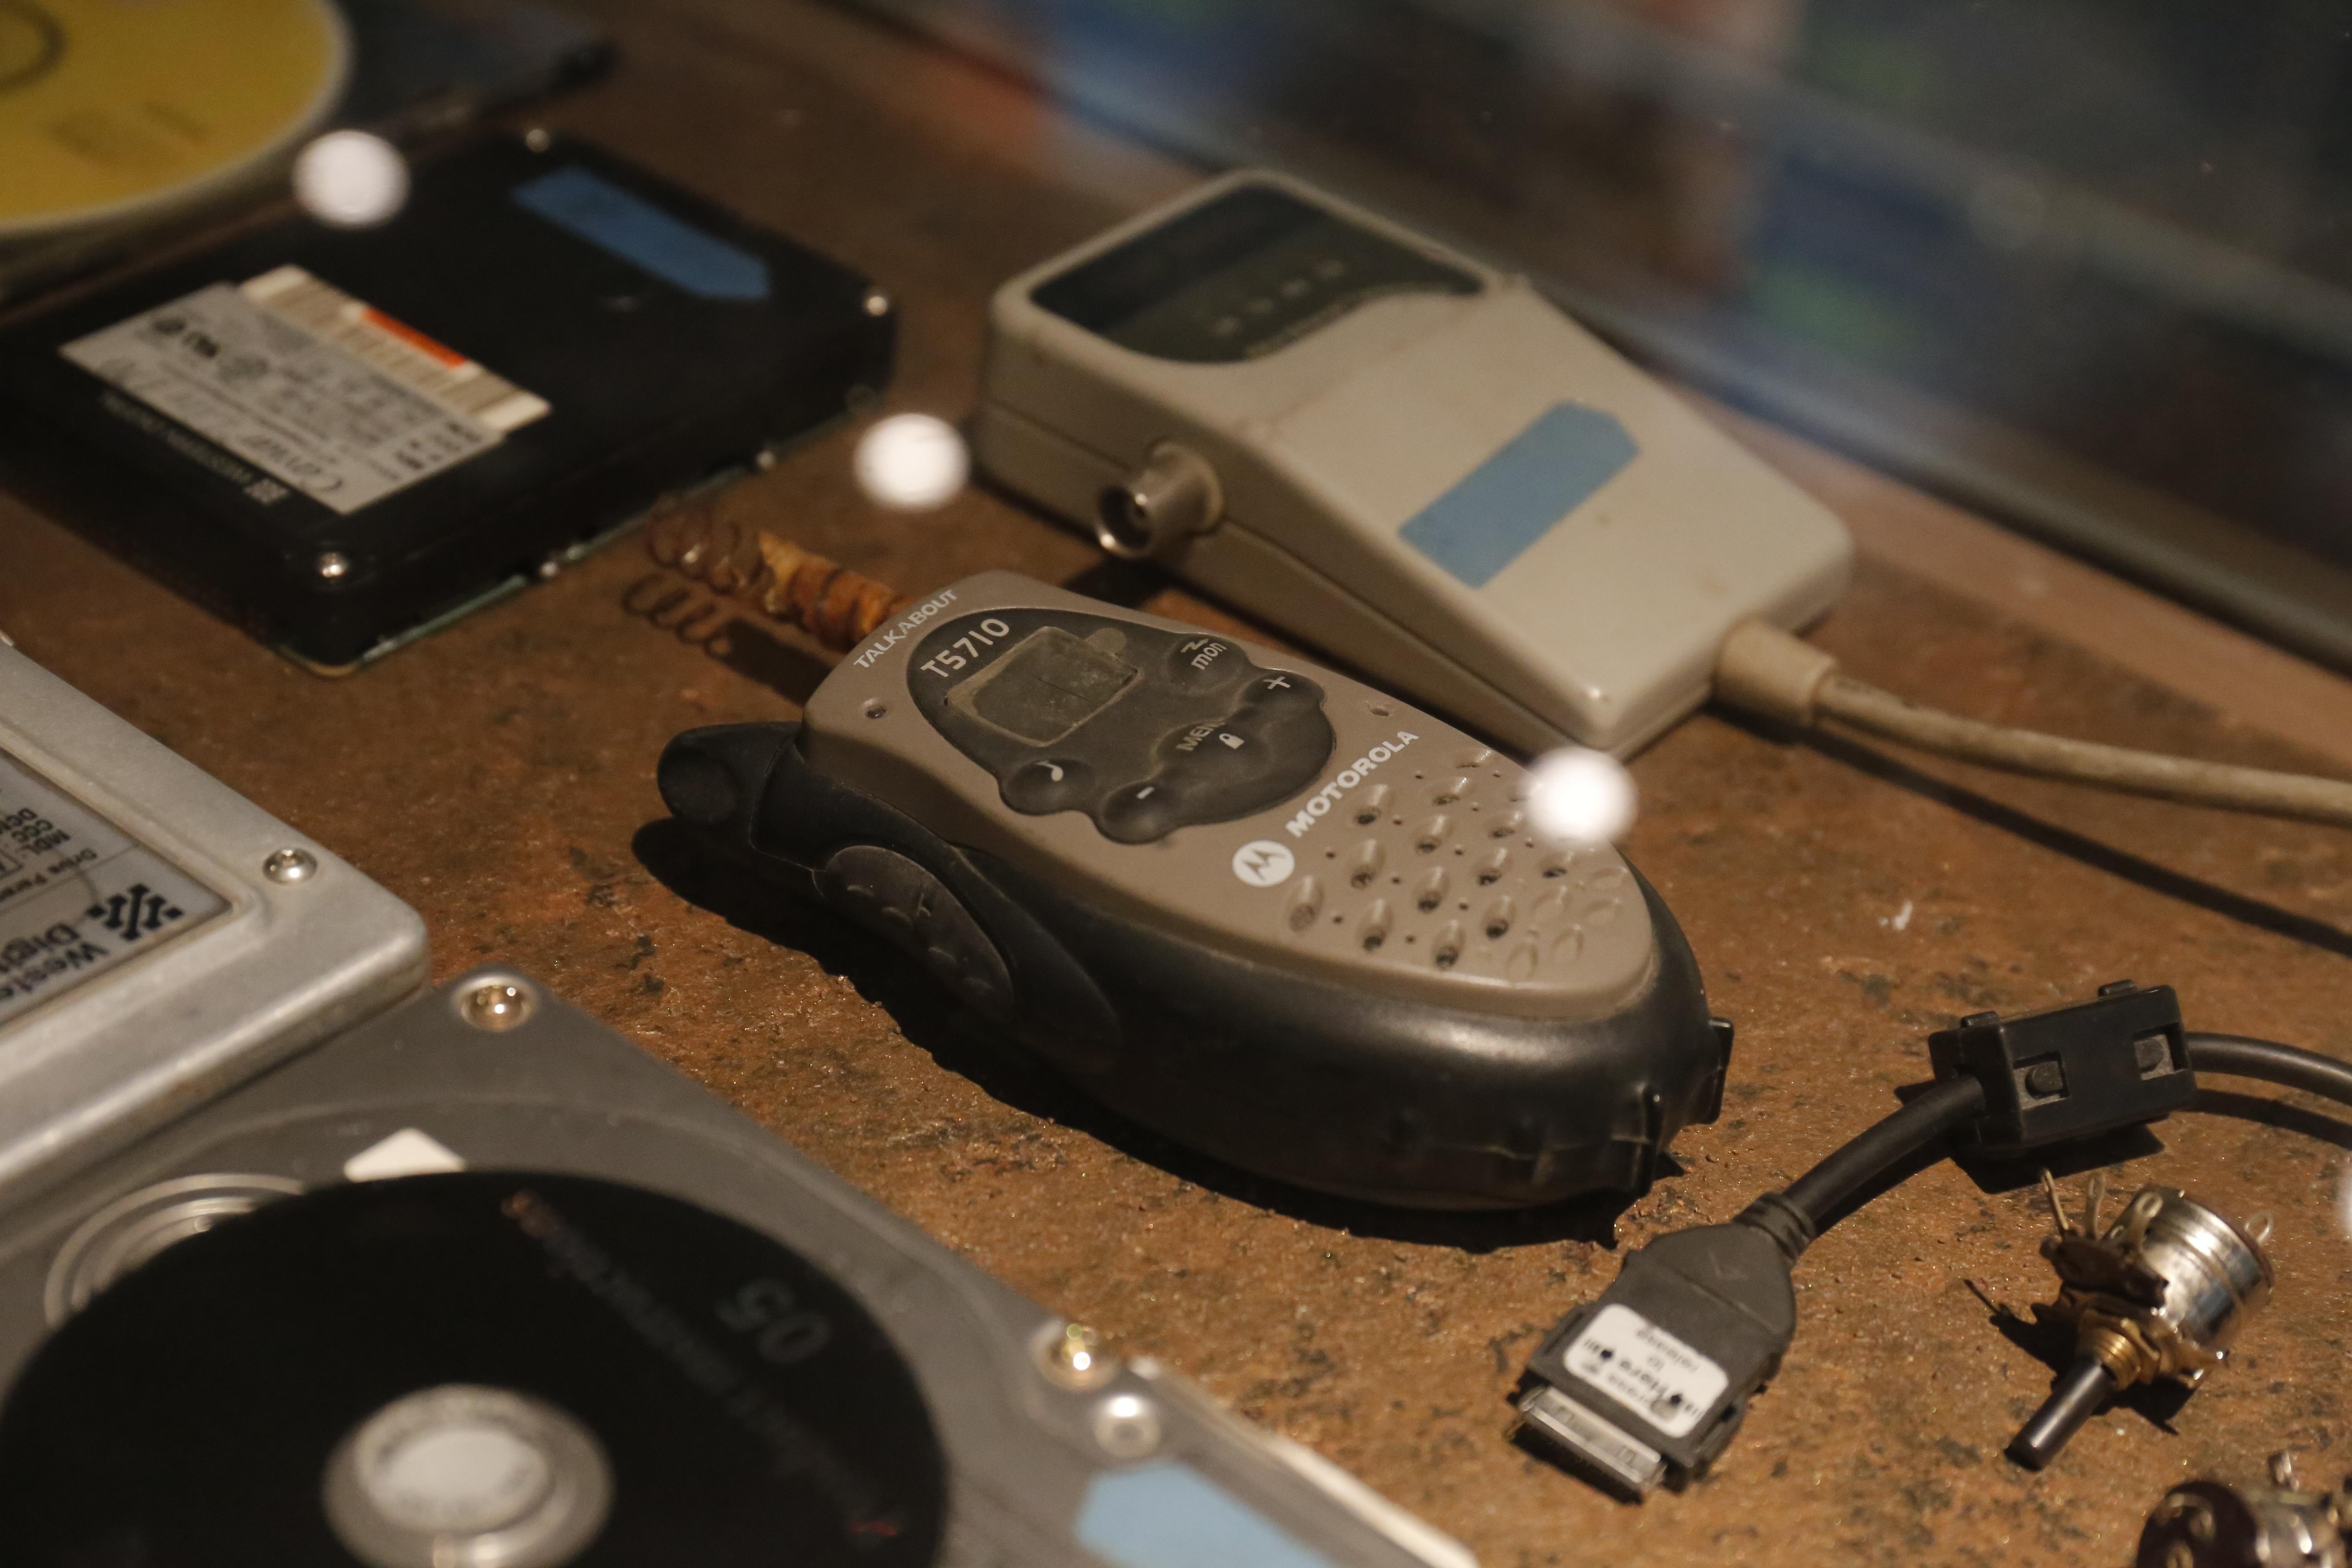 Một bộ đàm cuối những năm 1980 dùng để liên lạc.